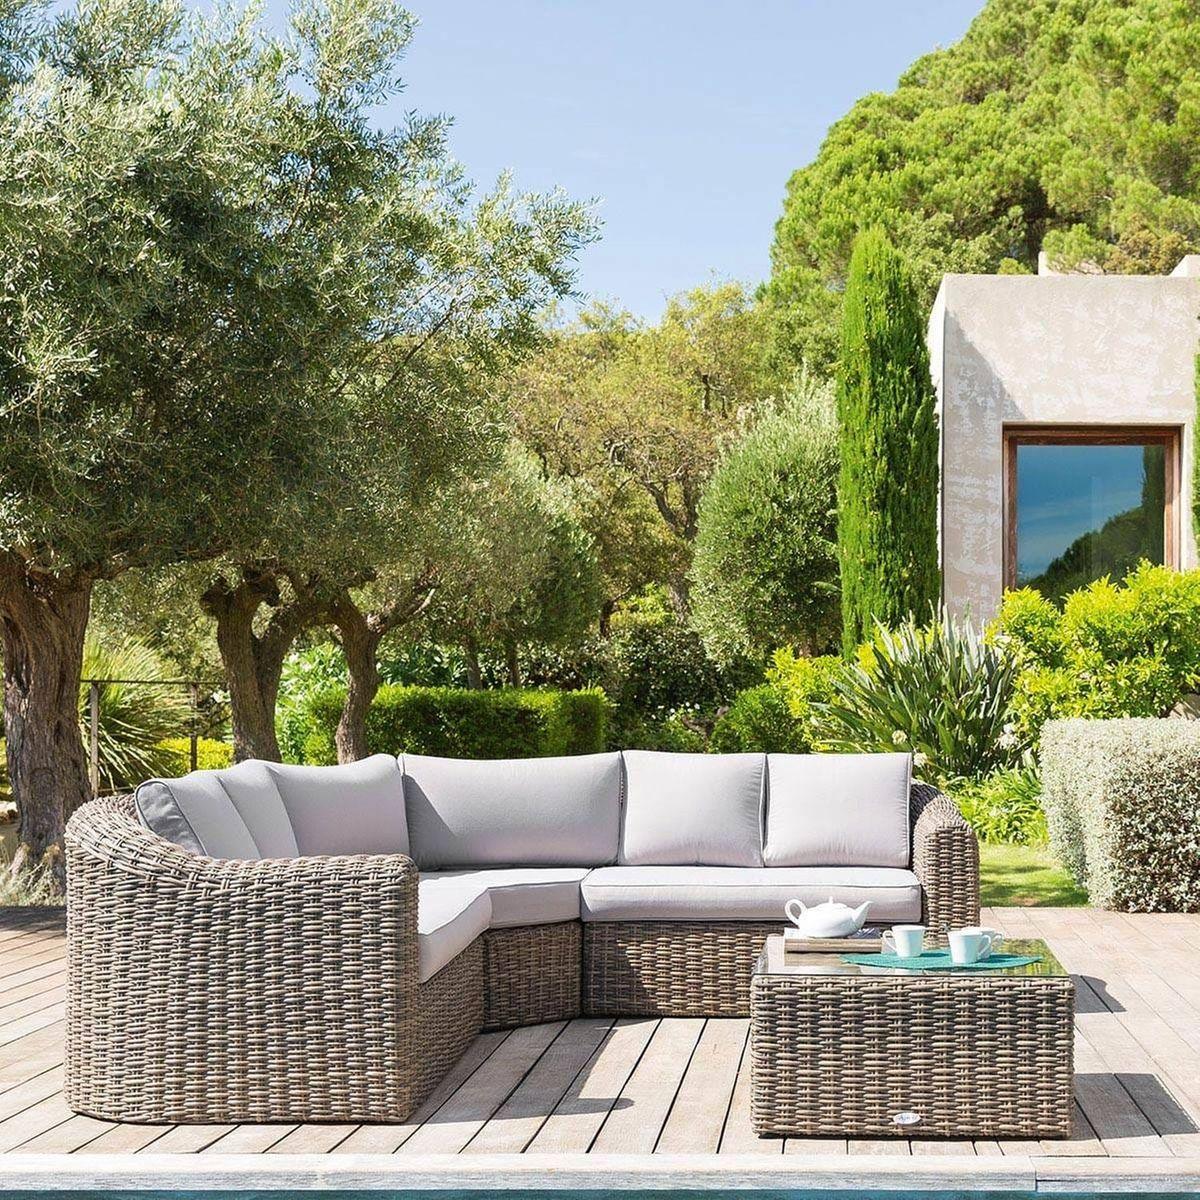 Salon De Jardin En Resine Tressee Moorea 5 Places Taille